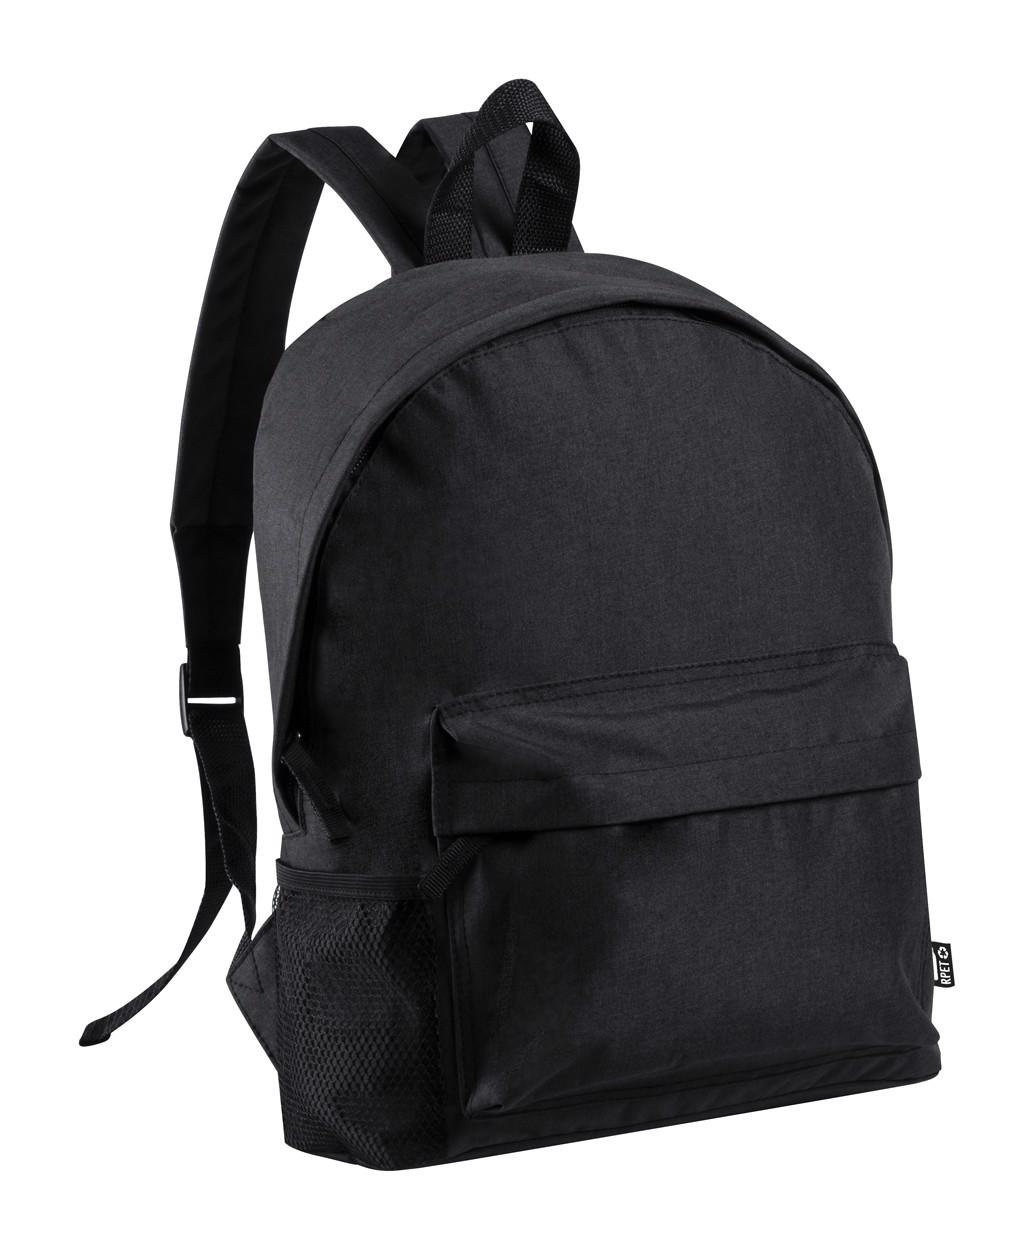 Rpet Backpack Caldy - Black